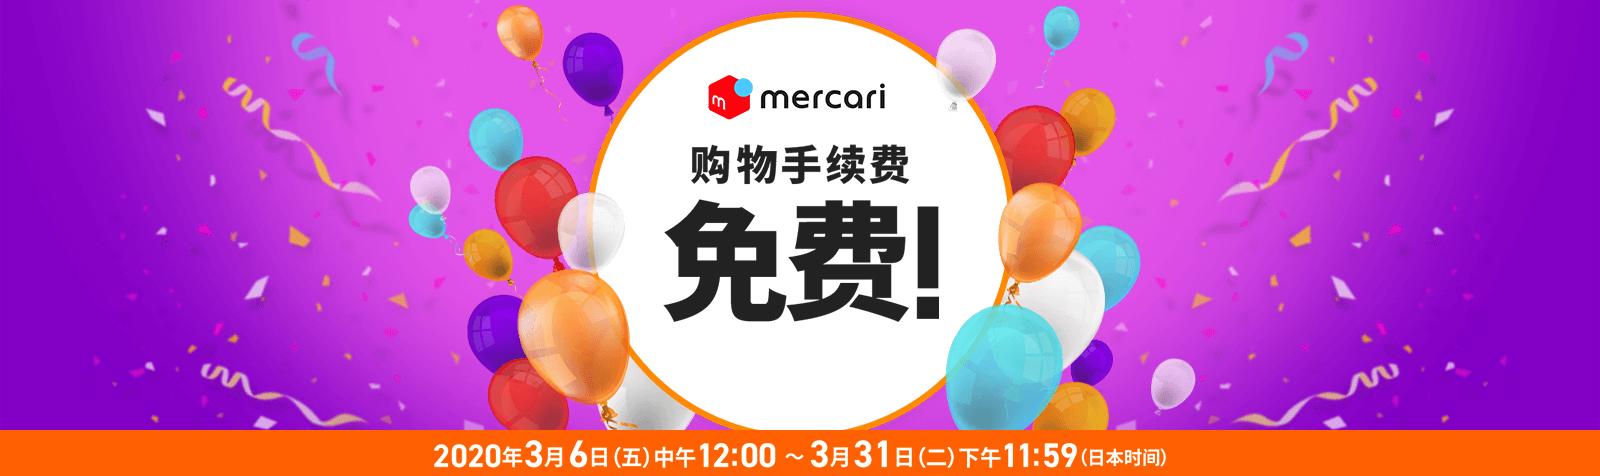 全站网购商城 Mercari手续费 免费,限时抢购进行中-Buyee